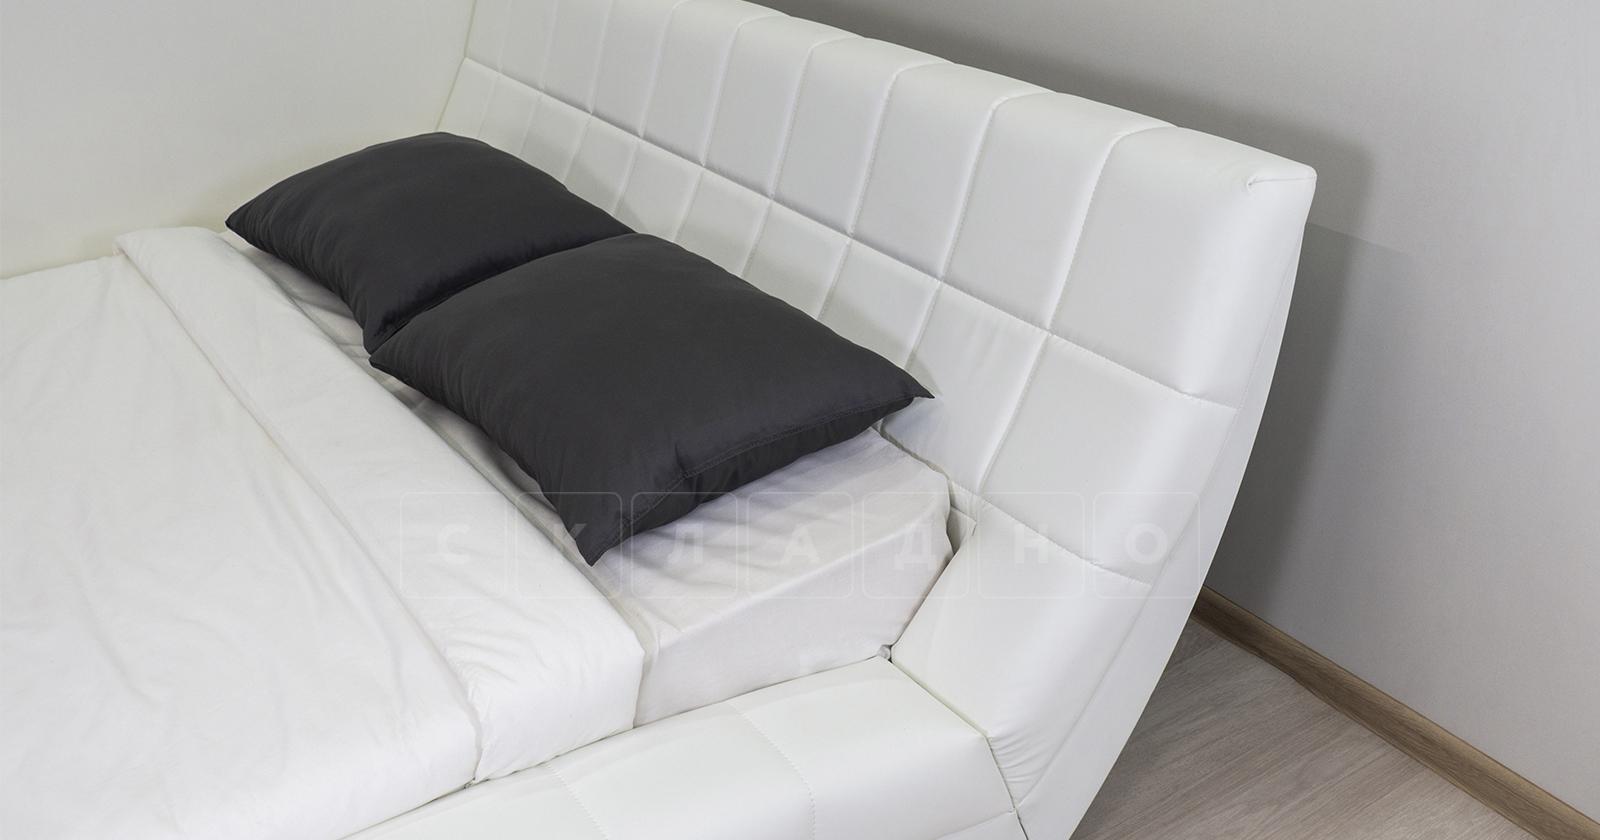 Мягкая кровать Оливия 160 см экокожа белый фото 9 | интернет-магазин Складно